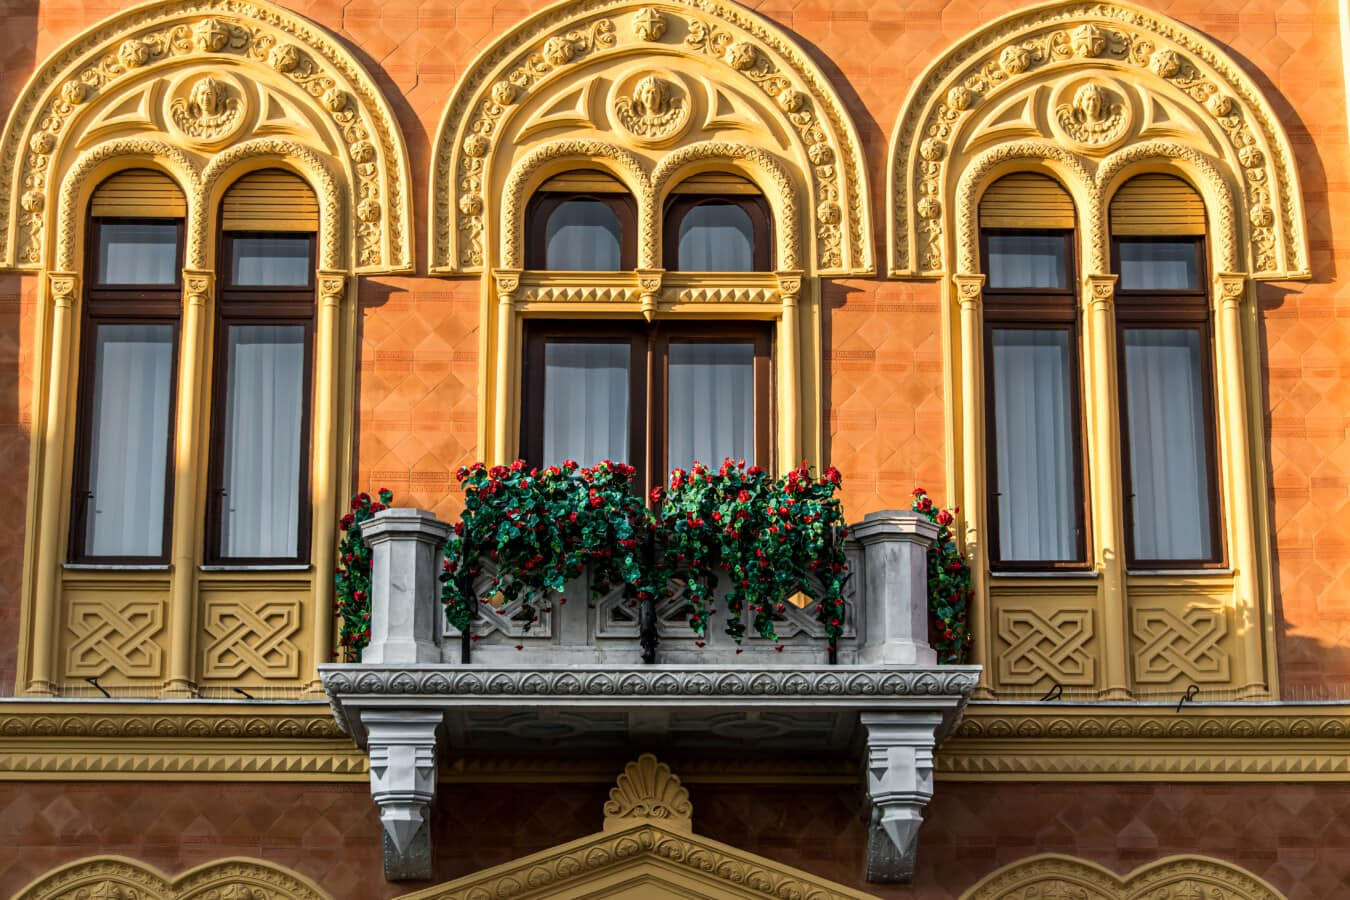 palais, Résidentiel, balcon, maison, luxe, façade, architecture, bâtiment, vieux, fenêtre